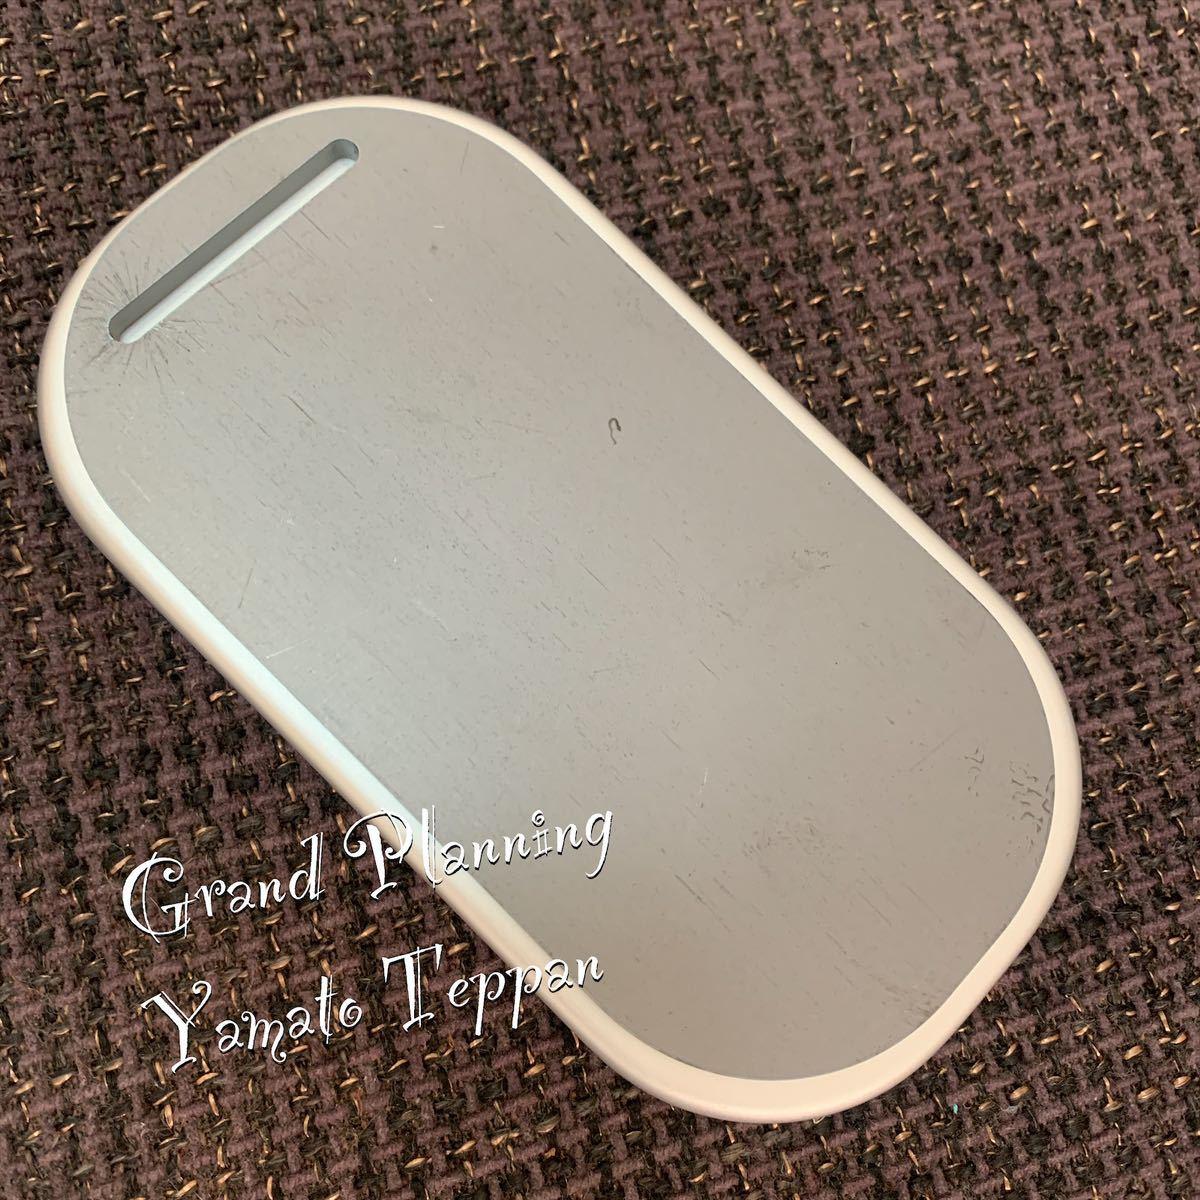 ダイソー メスティン アルミ飯盒 収納サイズ 鉄板 6ミリ 鉄板のみ 送料込み 黒皮鉄板 大和鉄板 オリジナル アウトドア ソロ鉄板